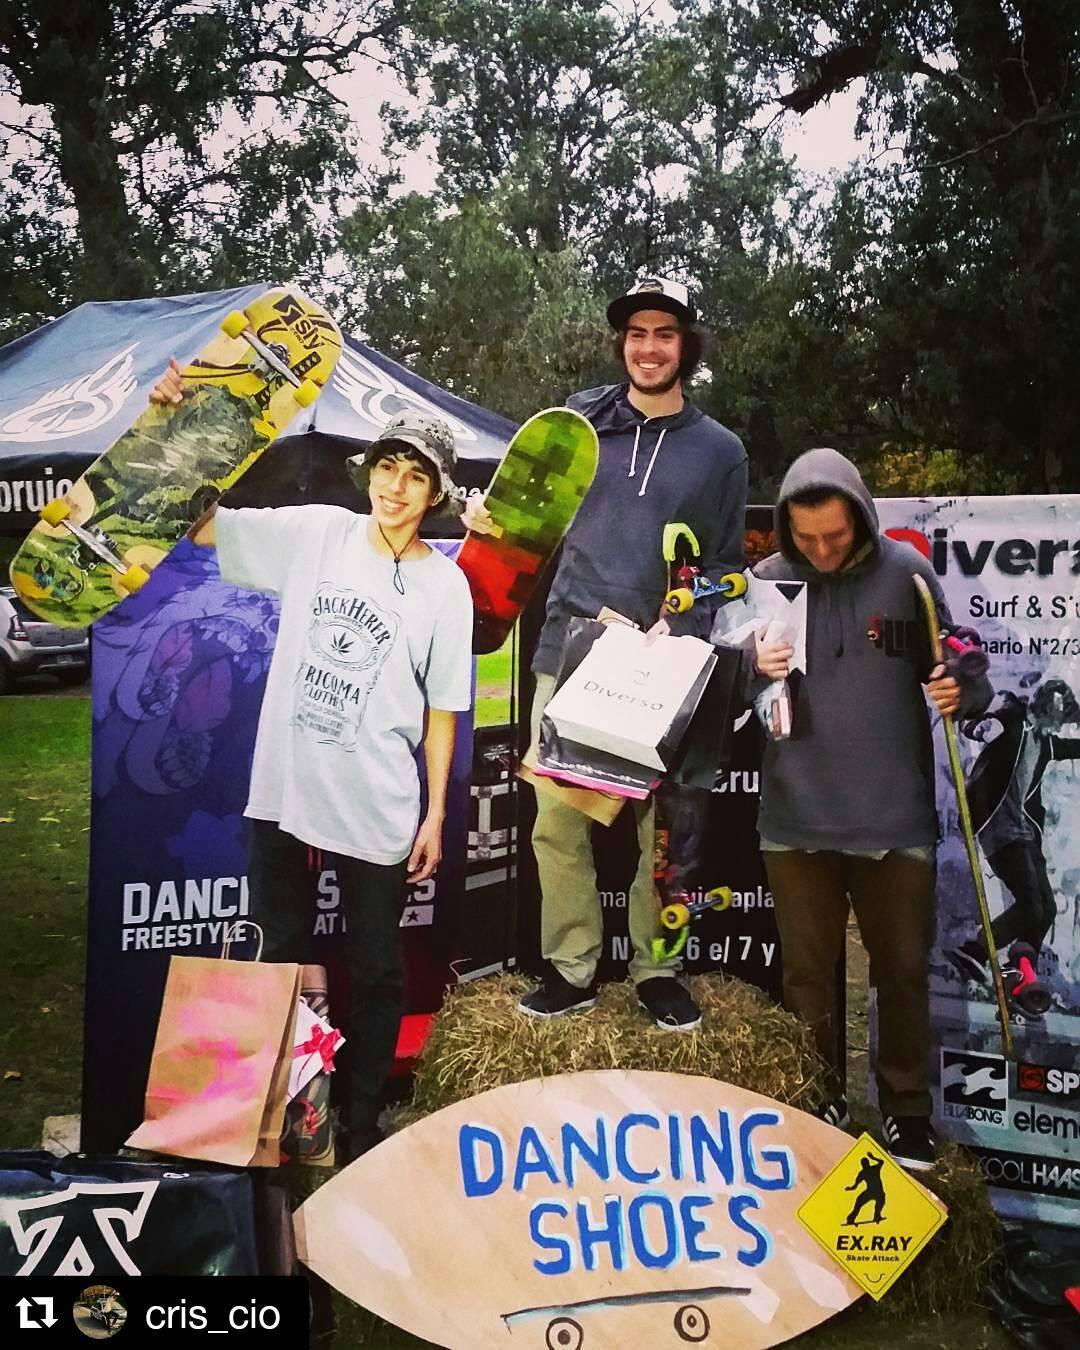 @cris_cio Otro finde otro podio!  2° Segundo puesto Open Freestyle  en La plata #DancingShoes !  Gracias a mis sponsor por la ayuda! #SlySkateboards #TricomaClothes @recycledsunglasses  #Griwer #Irukandji #pfpucks #Longshop